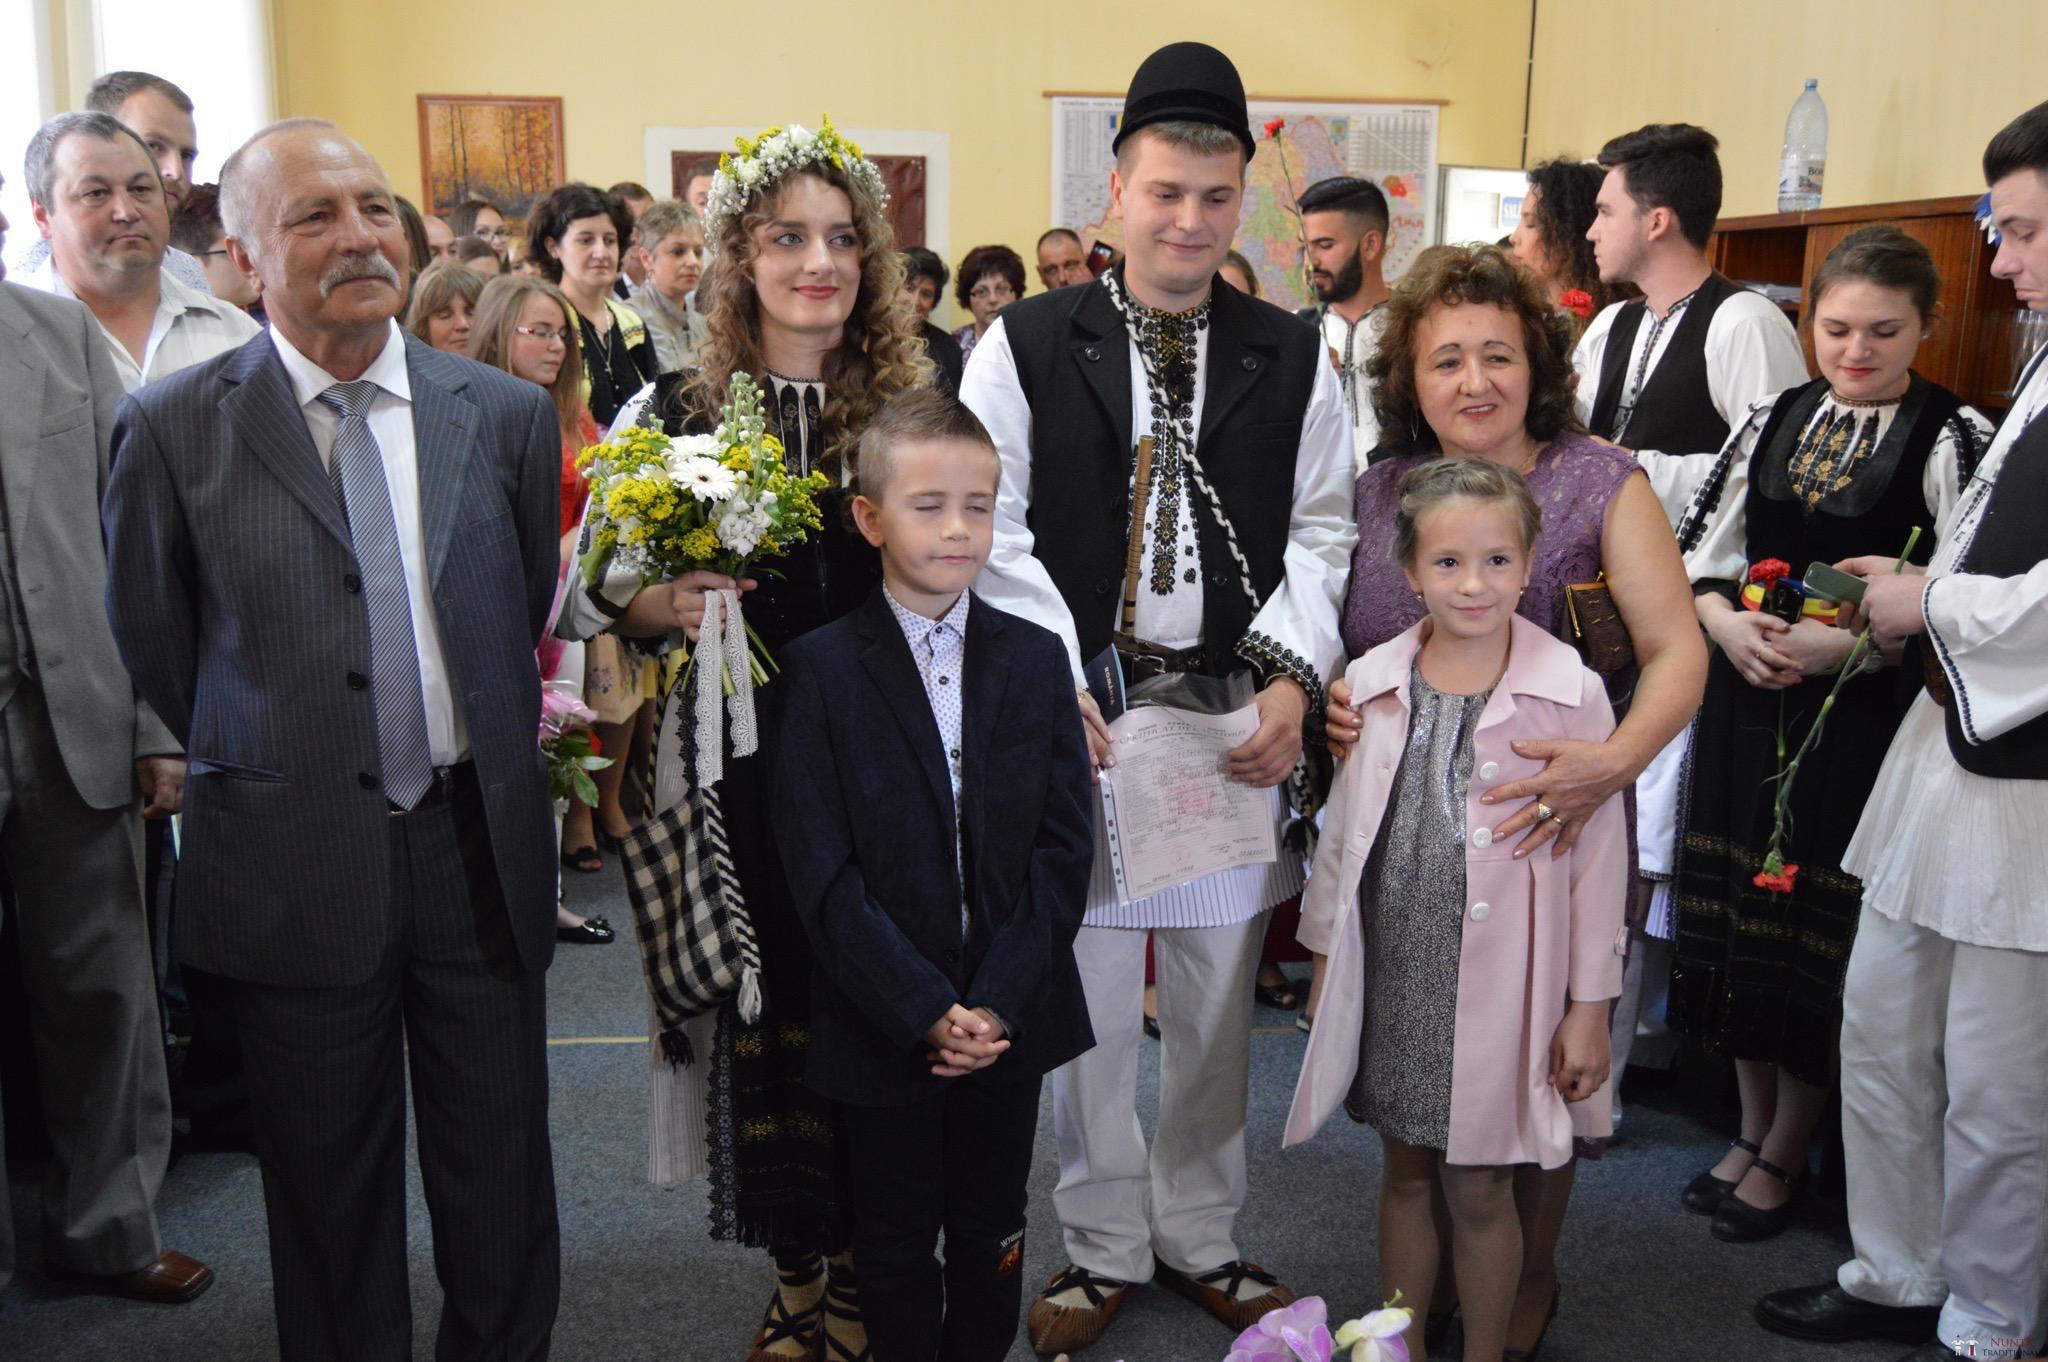 Povești Nunți Tradiționale - Constantin și Simona-Marilena. Nuntă tradițională în Căpâlna, Alba 19